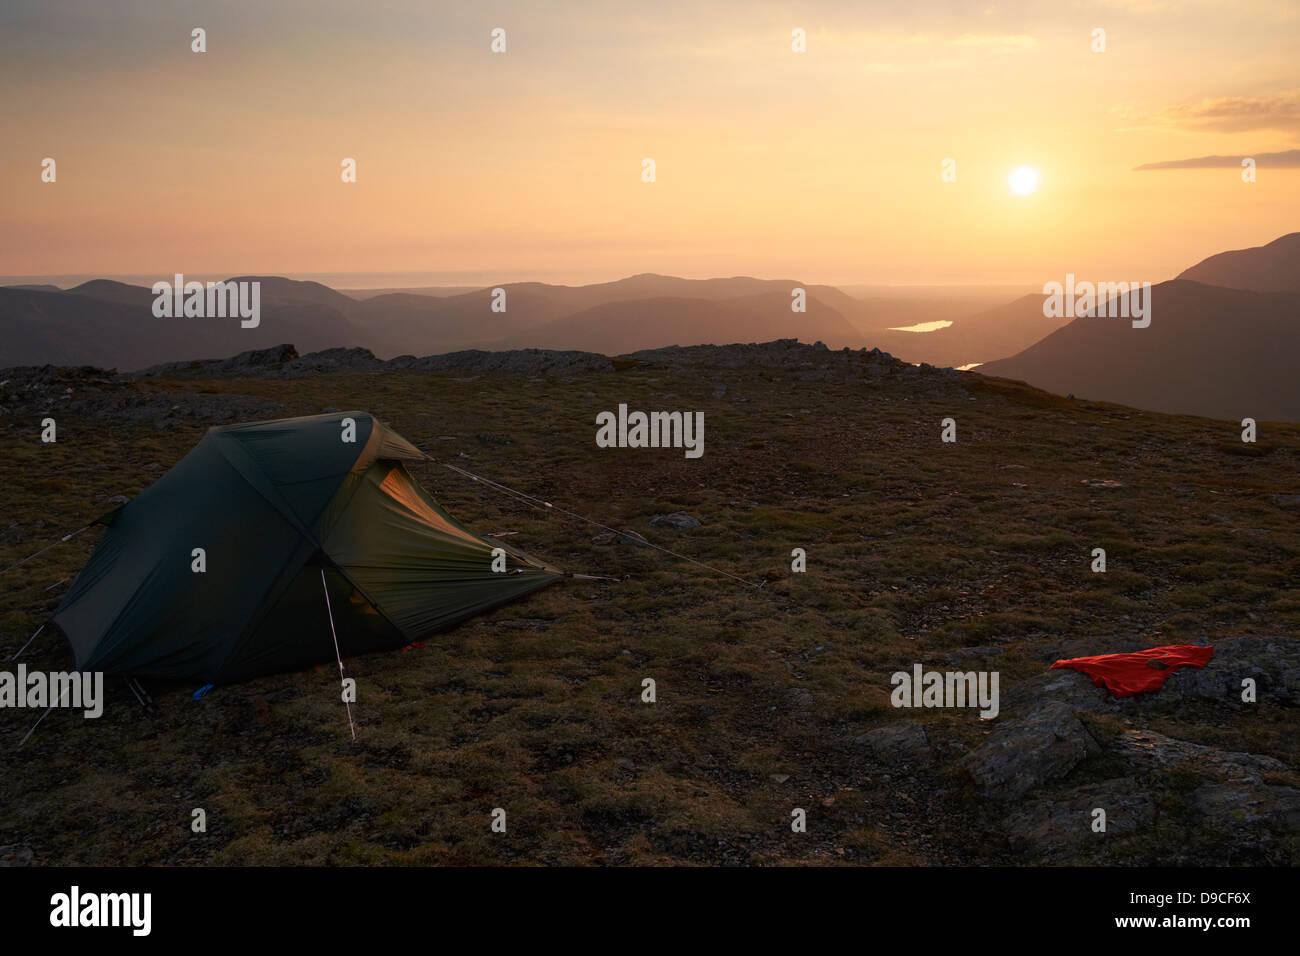 Wildes Campen auf dem Gipfel des Robinson, Buttermere im Lake District. Stockbild